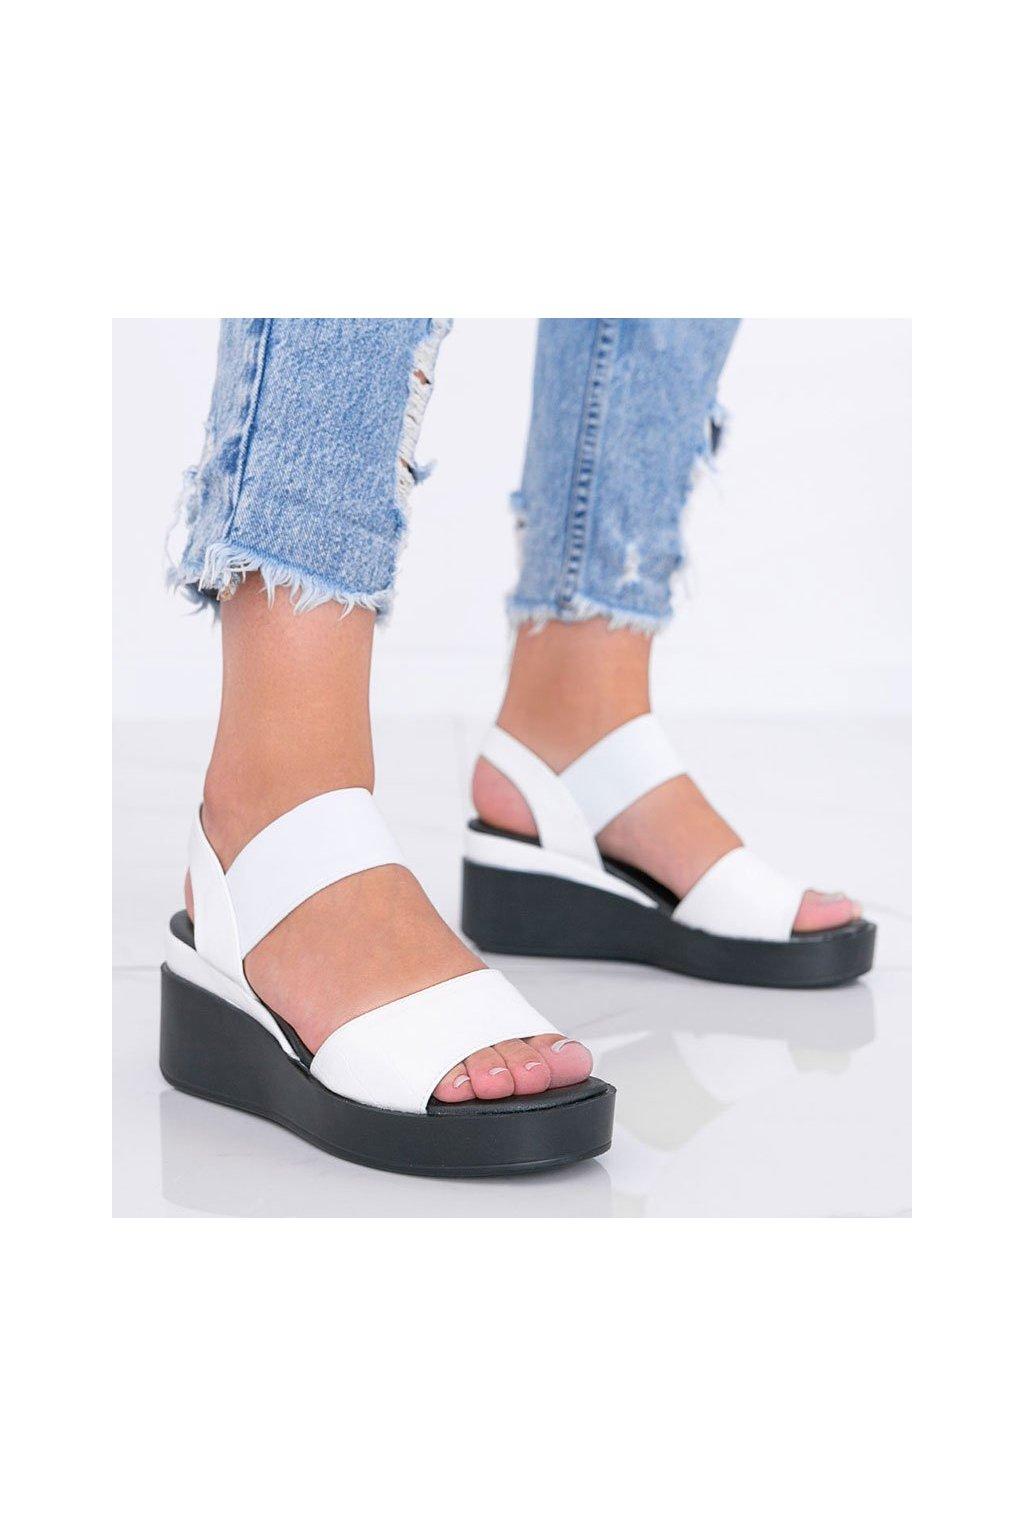 Dámske topánky sandále biele NJSK 3363 - GM